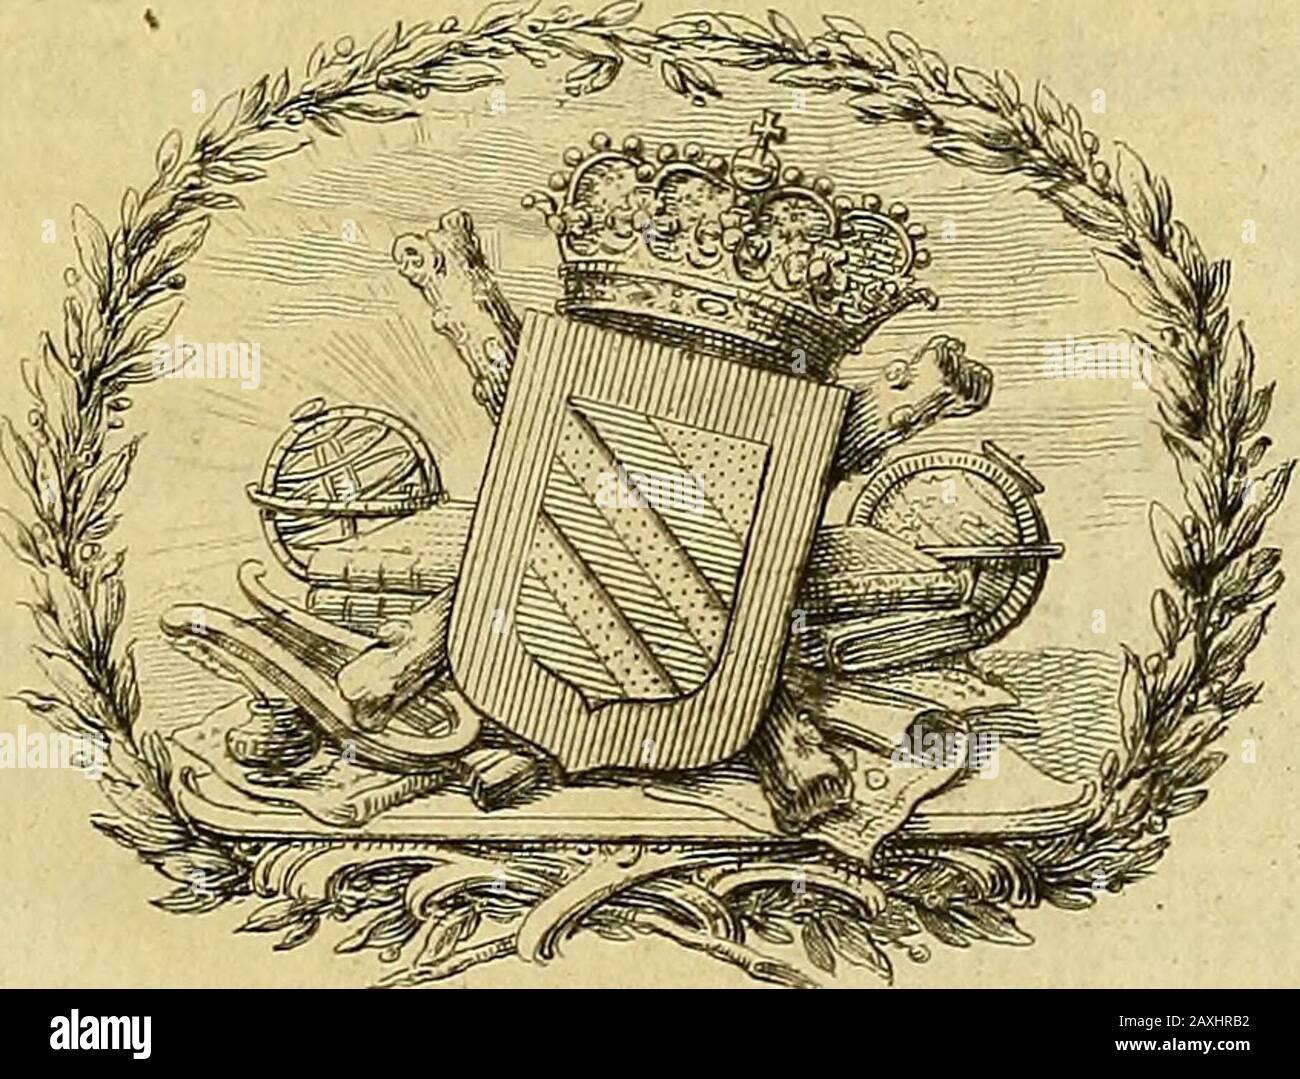 Memoires De L Academie Royale Des Sciences Des Lettres Et Des Beaux Arts De Belgique 22 5 Stock Photo Alamy